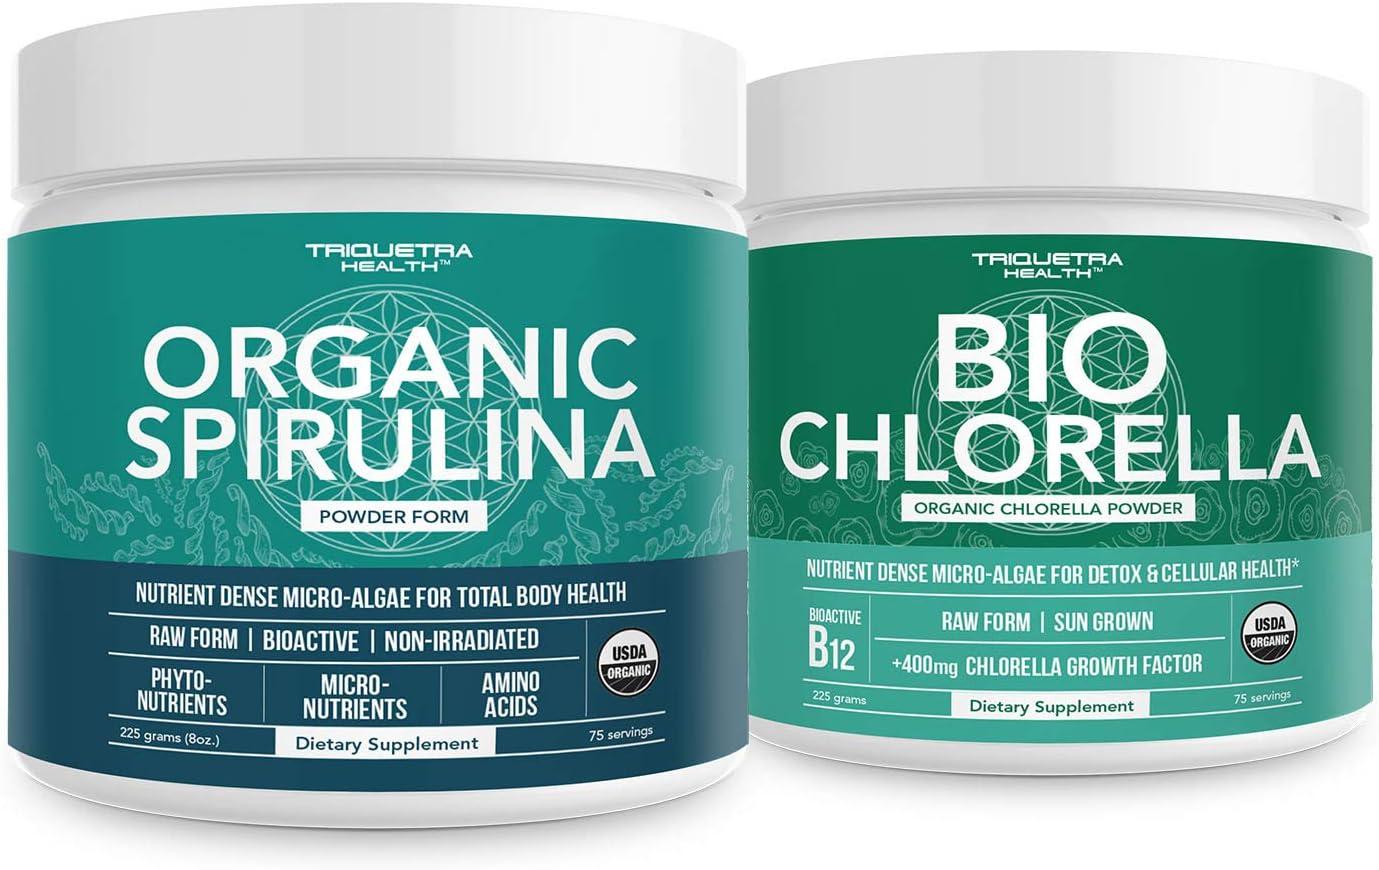 Organic Spirulina Powder Plus Organic Chlorella Powder - 4 Organic Certifications for Both, Raw Form - 8 oz.